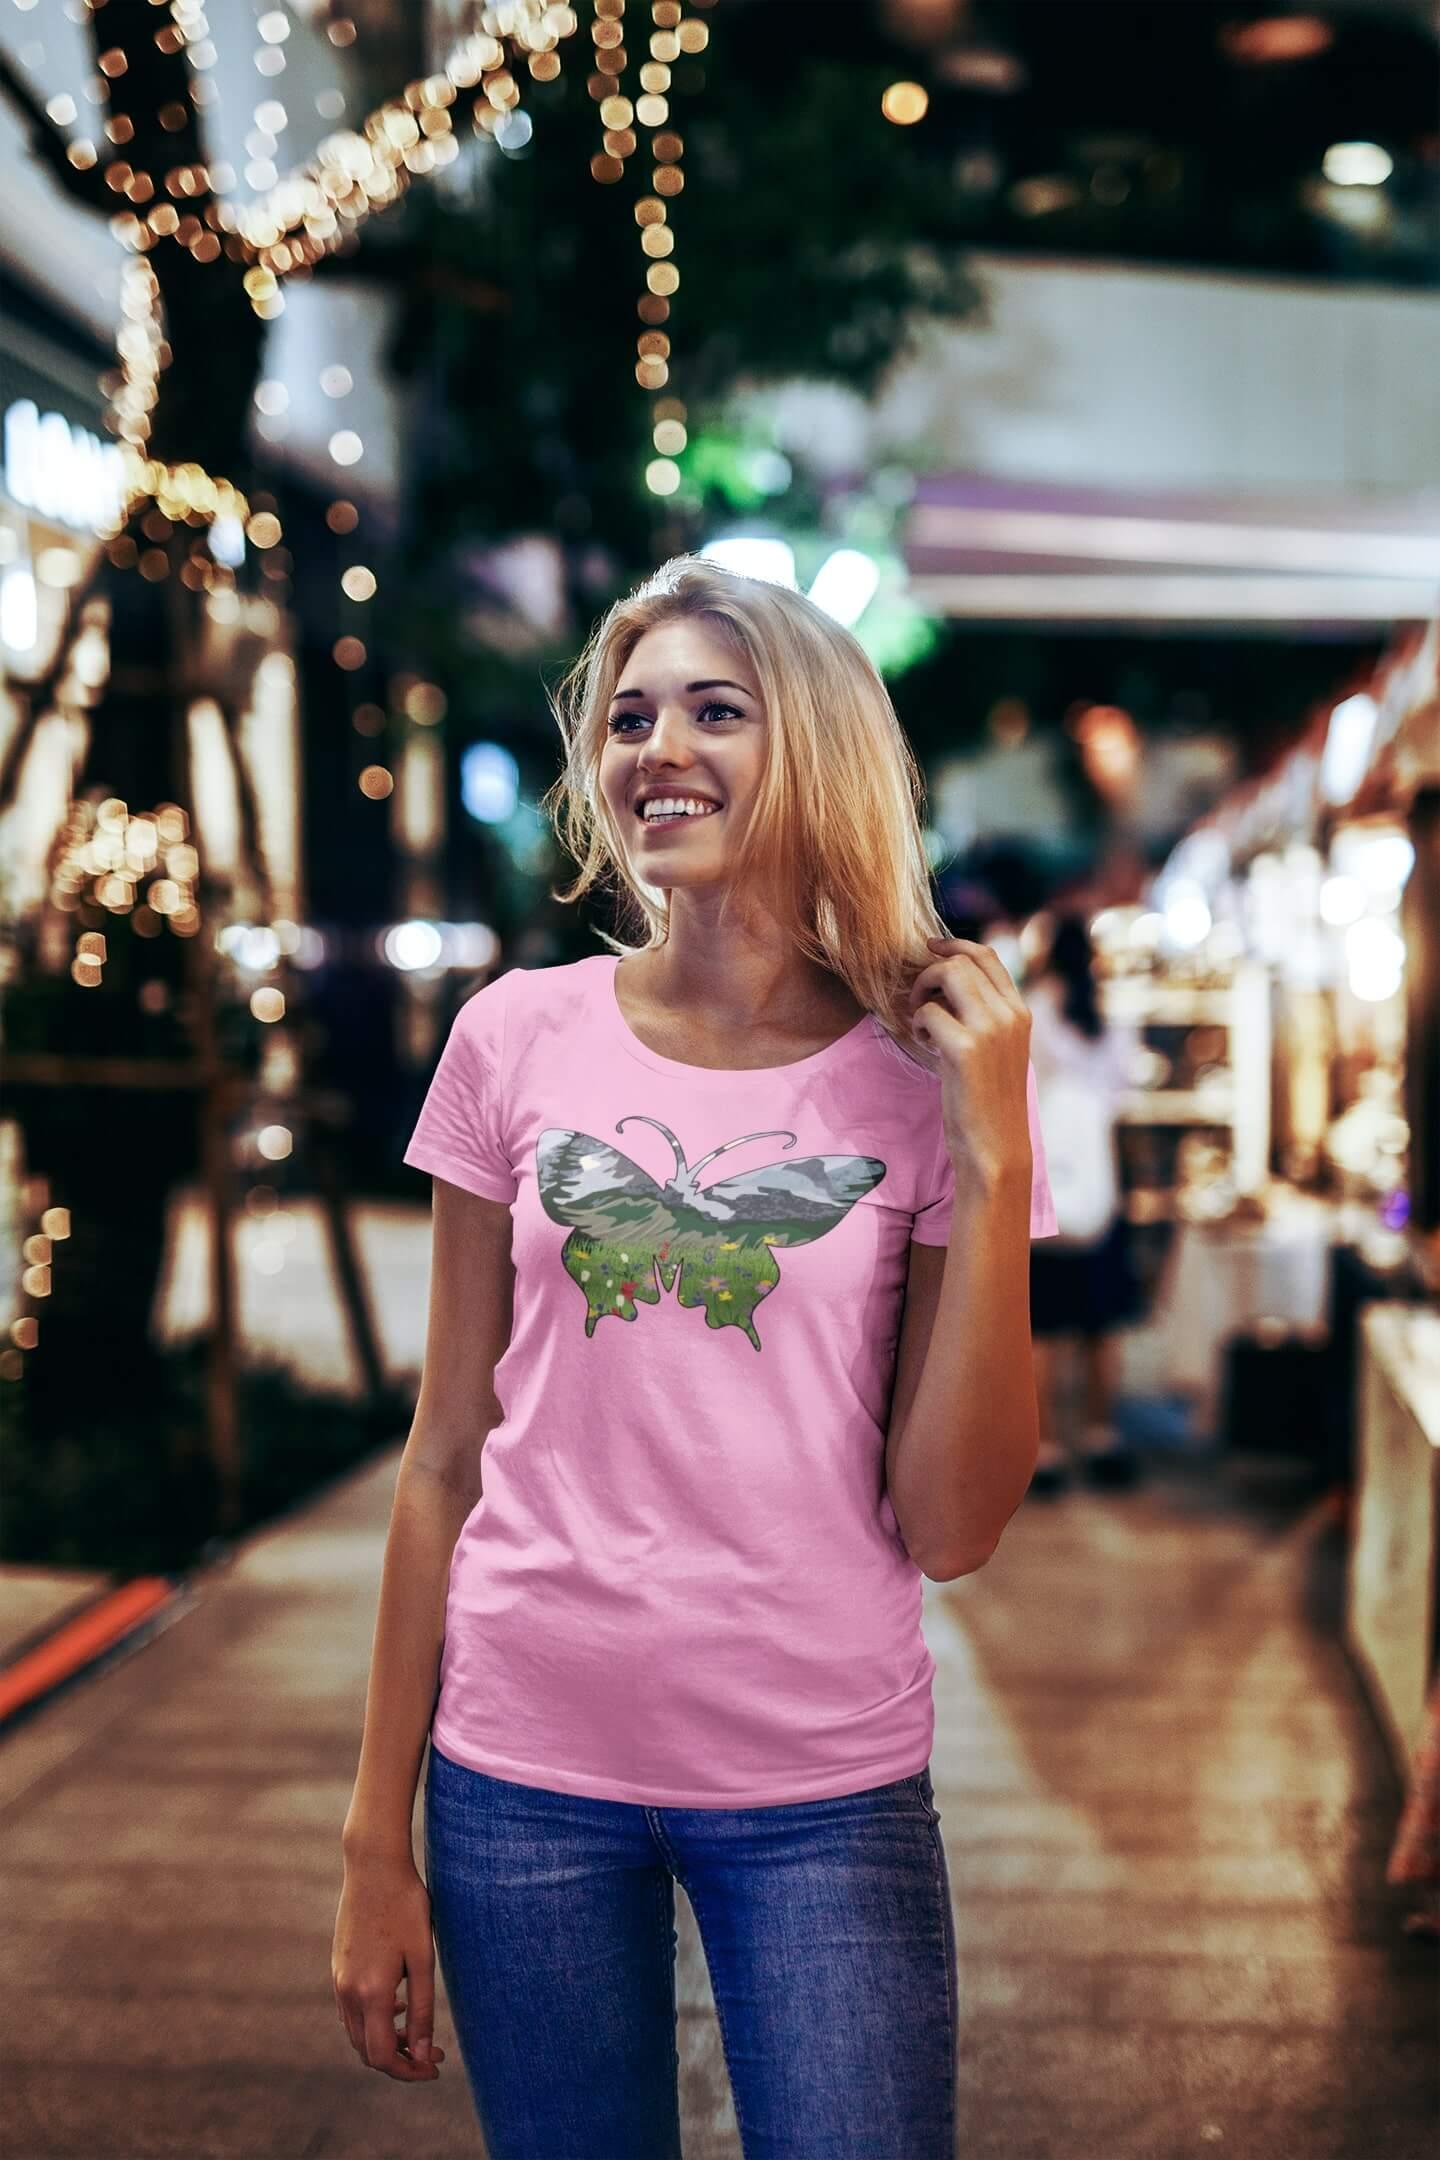 MMO Dámske tričko Motýľ Vyberte farbu: Ružová, Dámska veľkosť: S